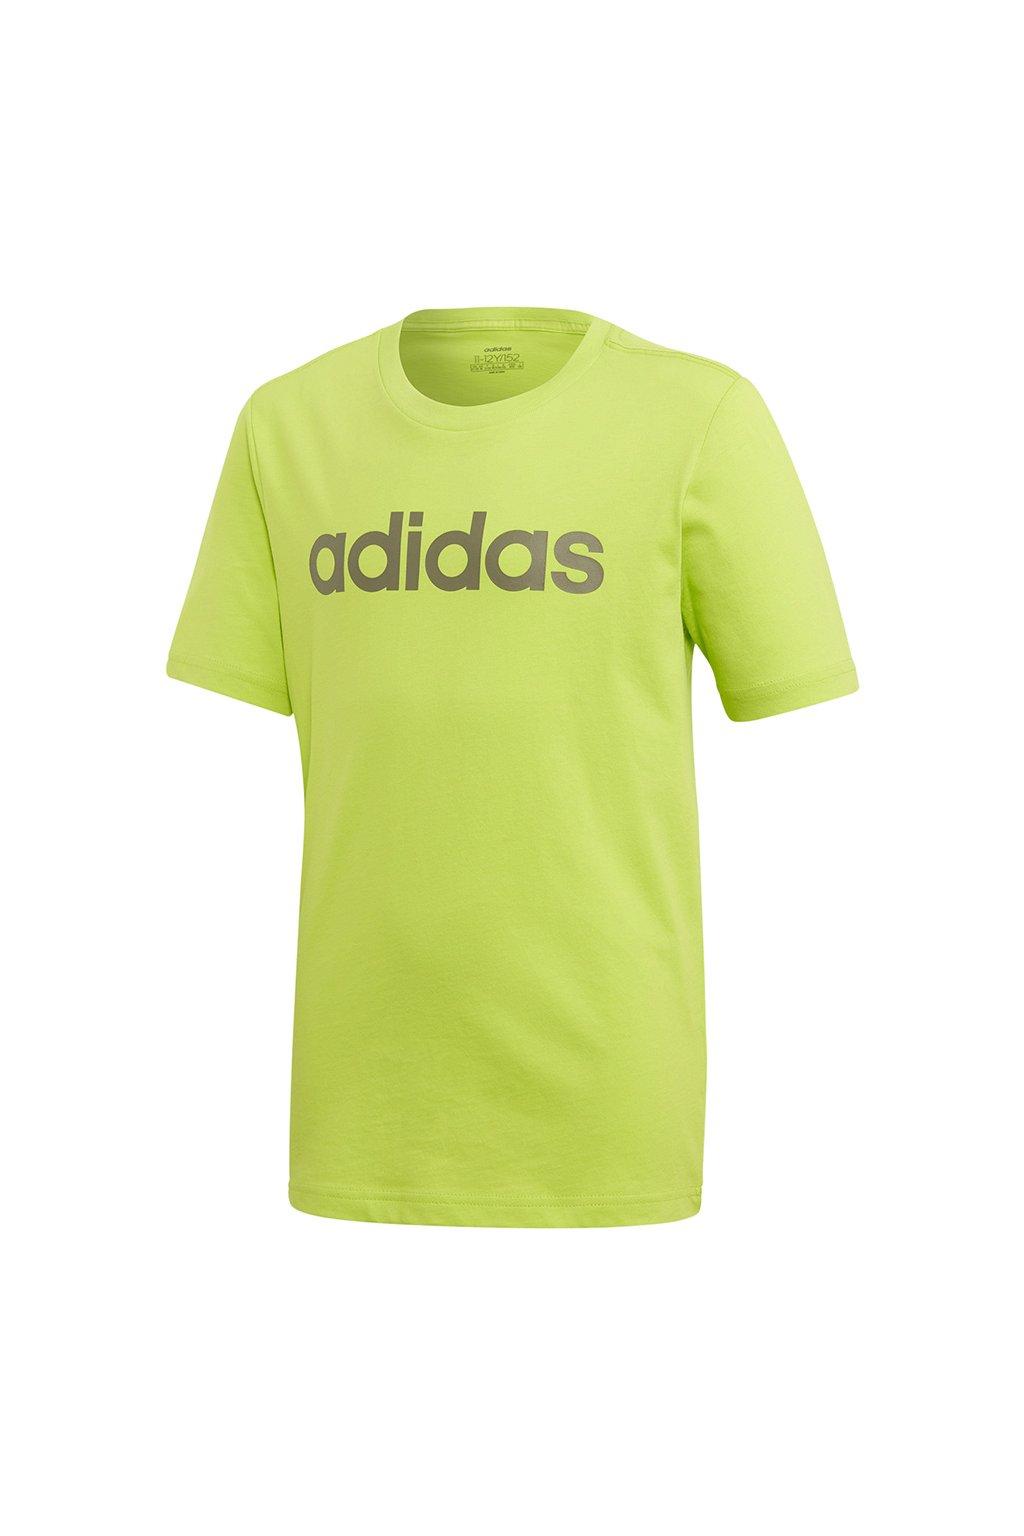 Detské tričko Adidas YB Essentials Linear Tee zelené FM7041